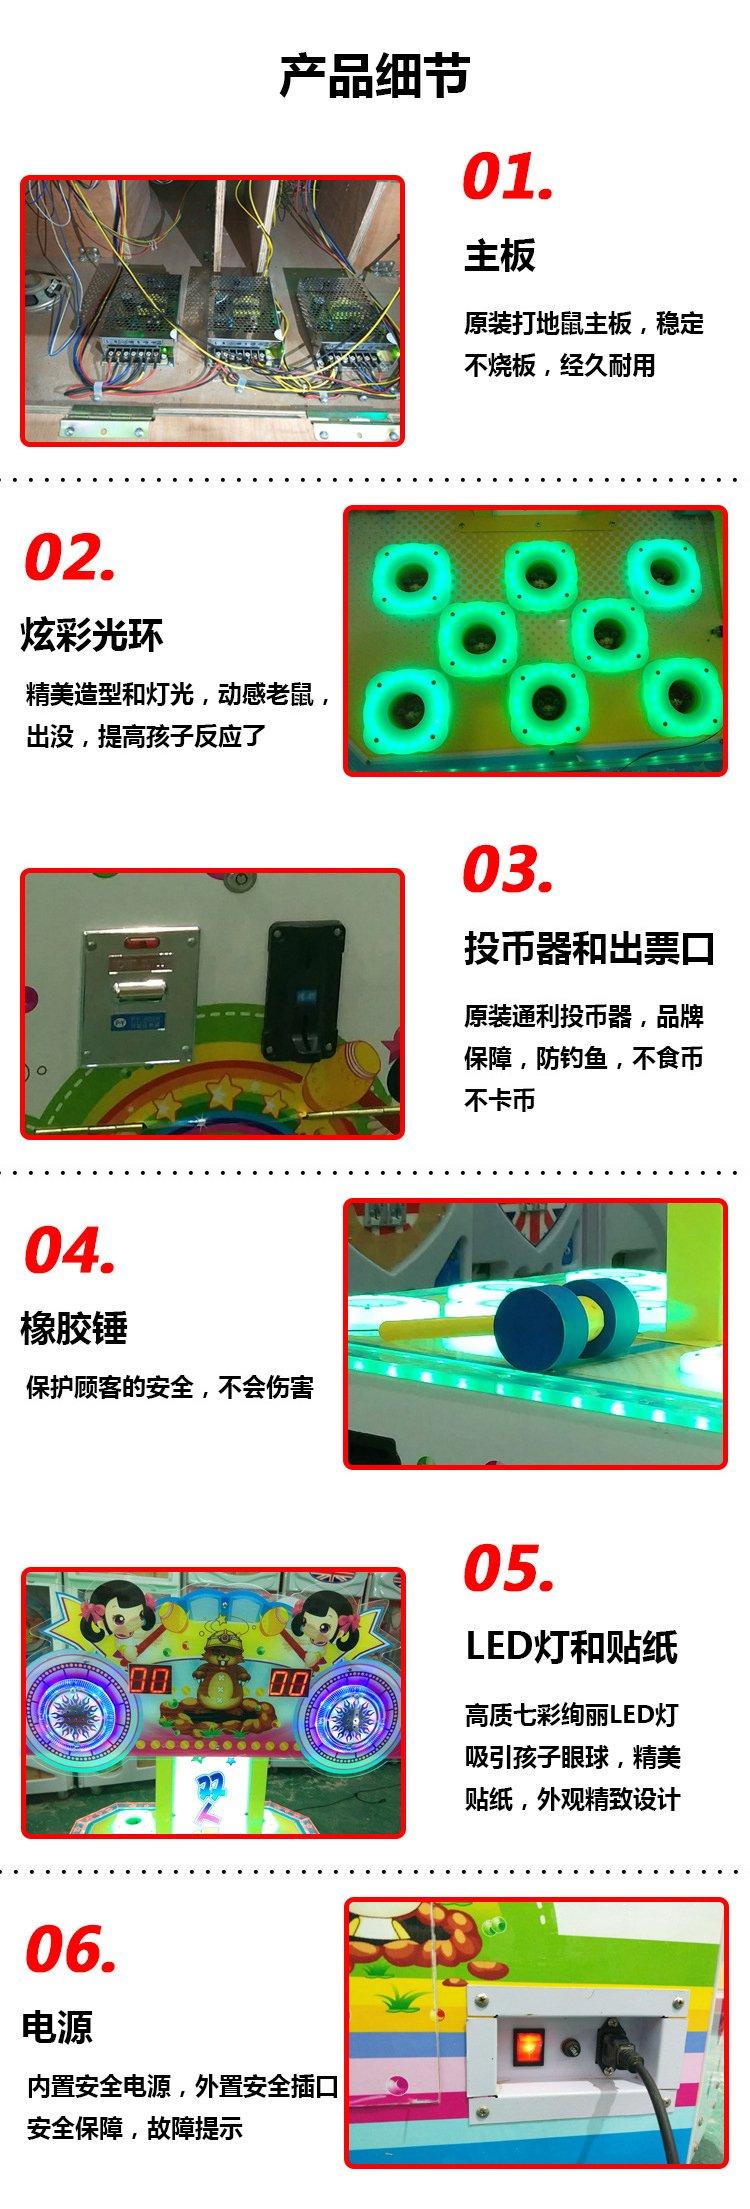 口袋屋游艺机产品细节展示.jpg